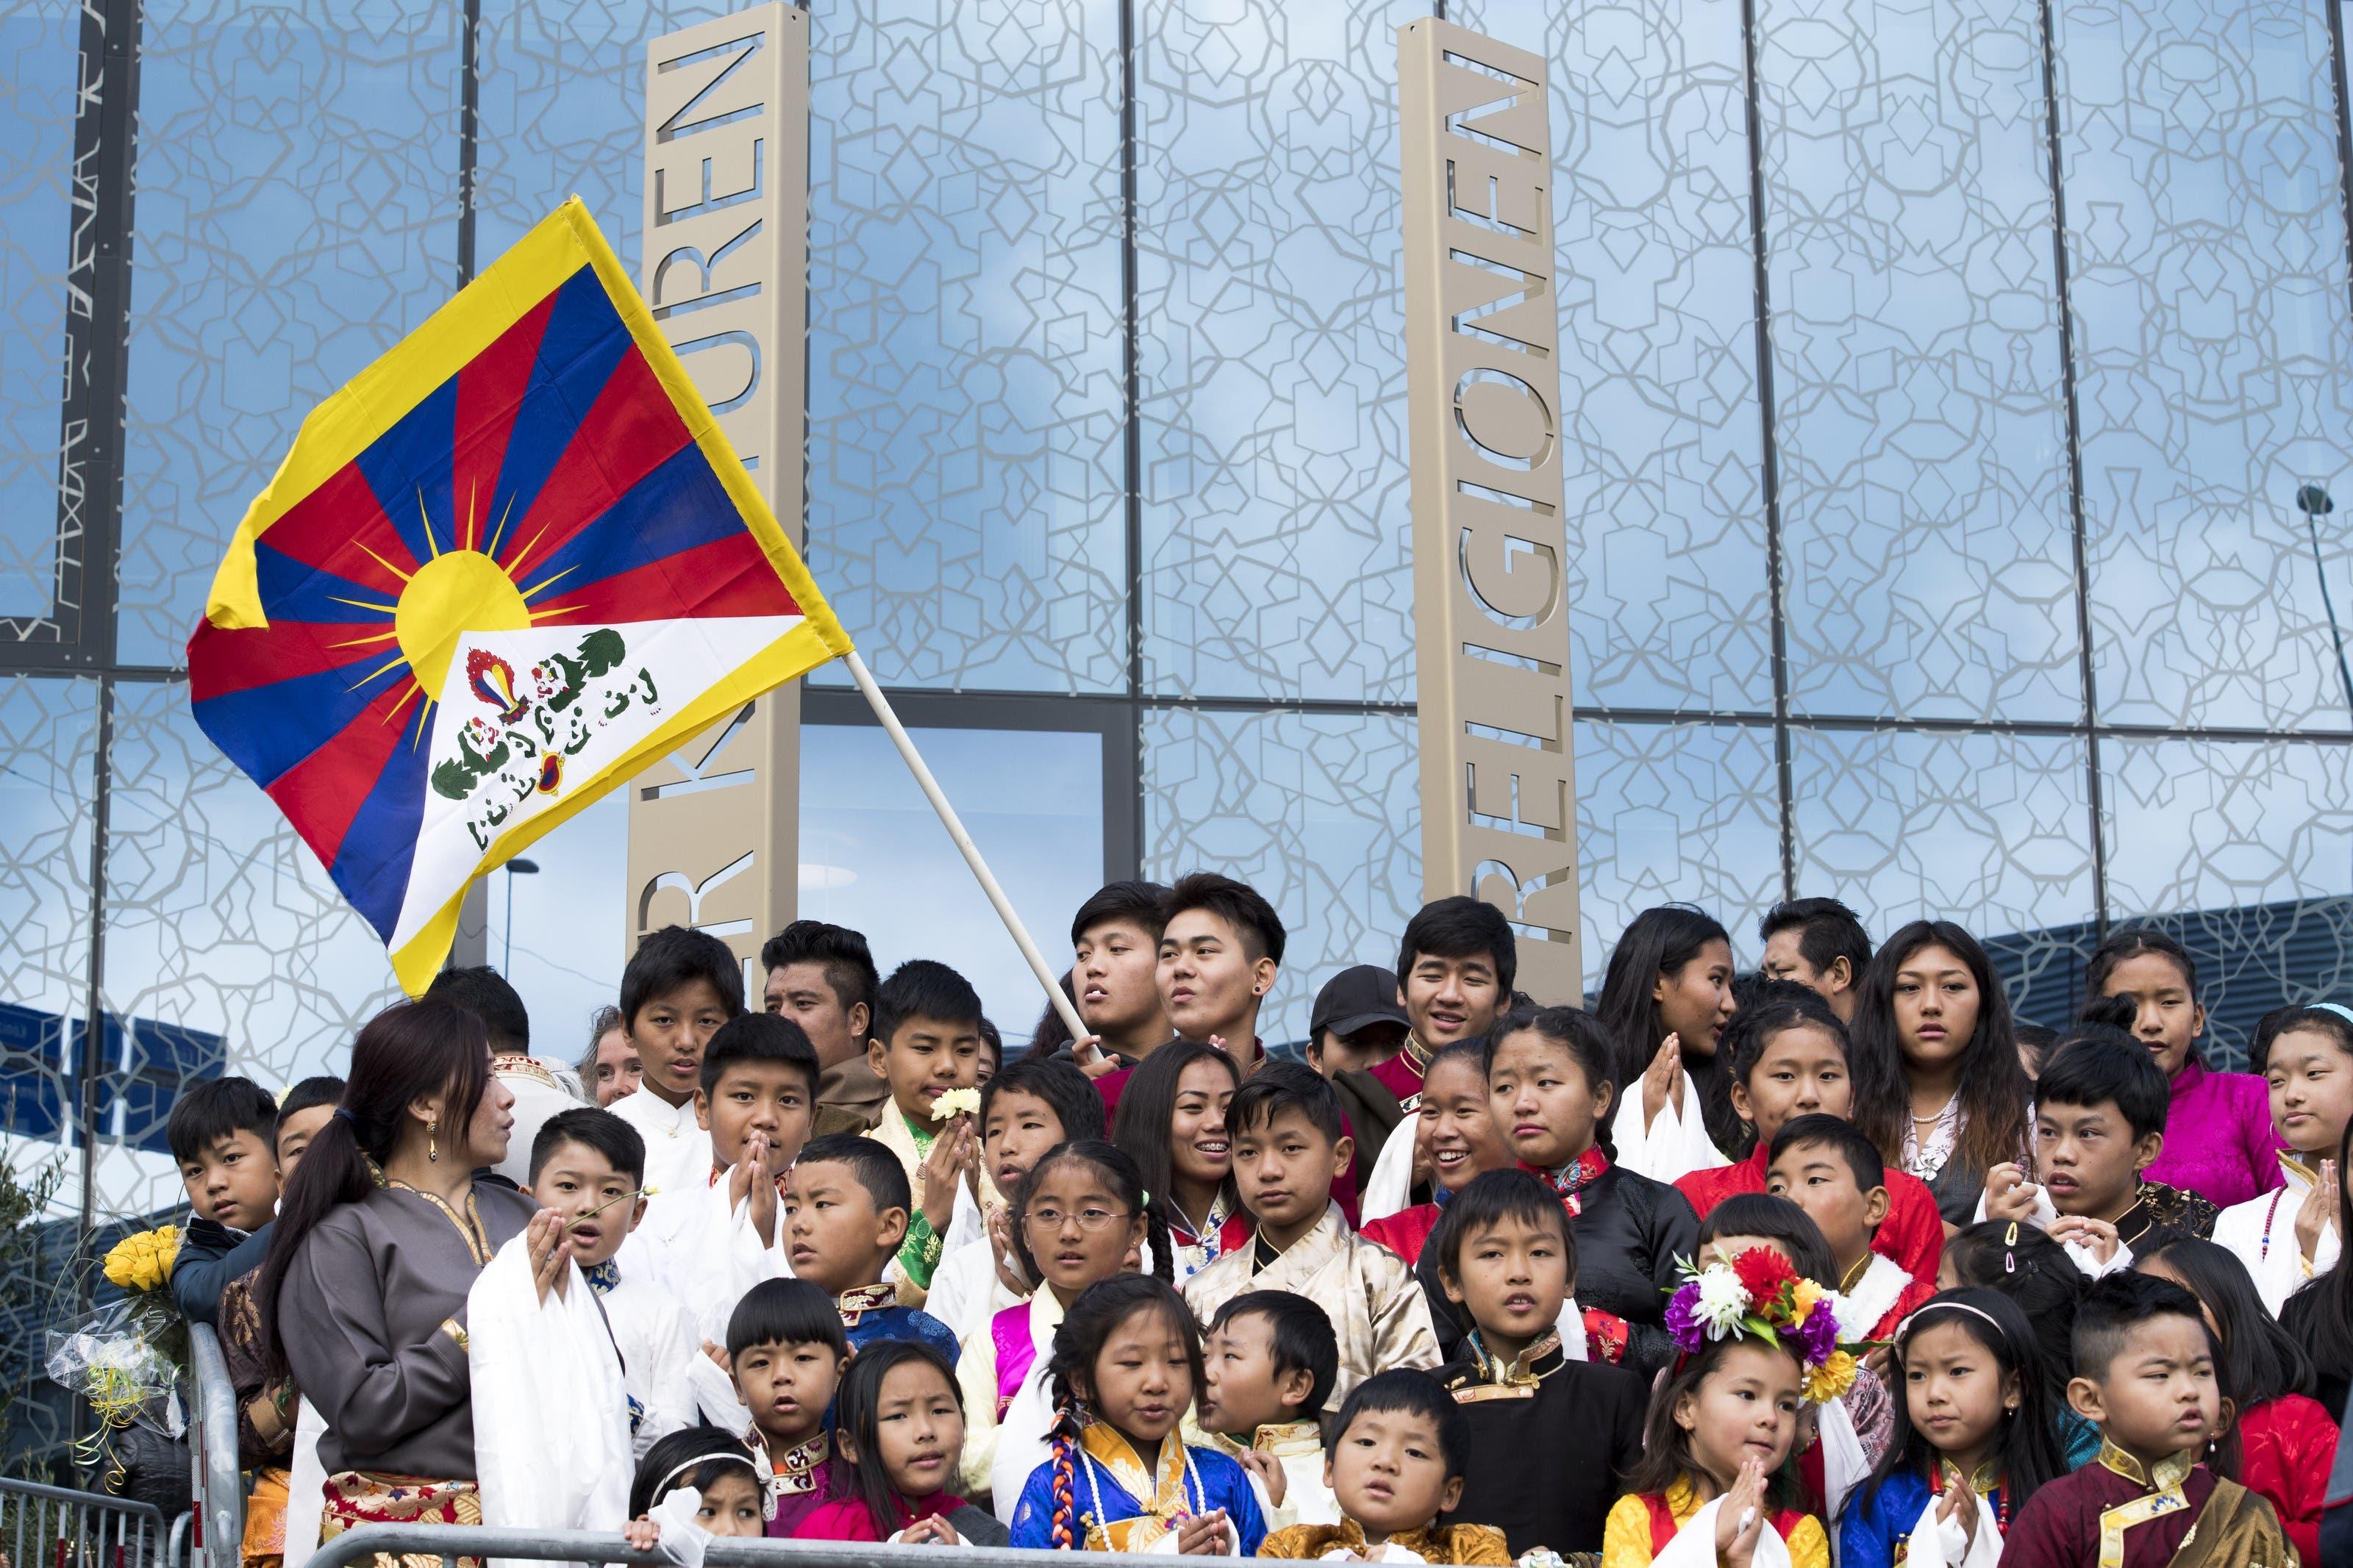 Grosser Andrang von Exil-Tibetern.